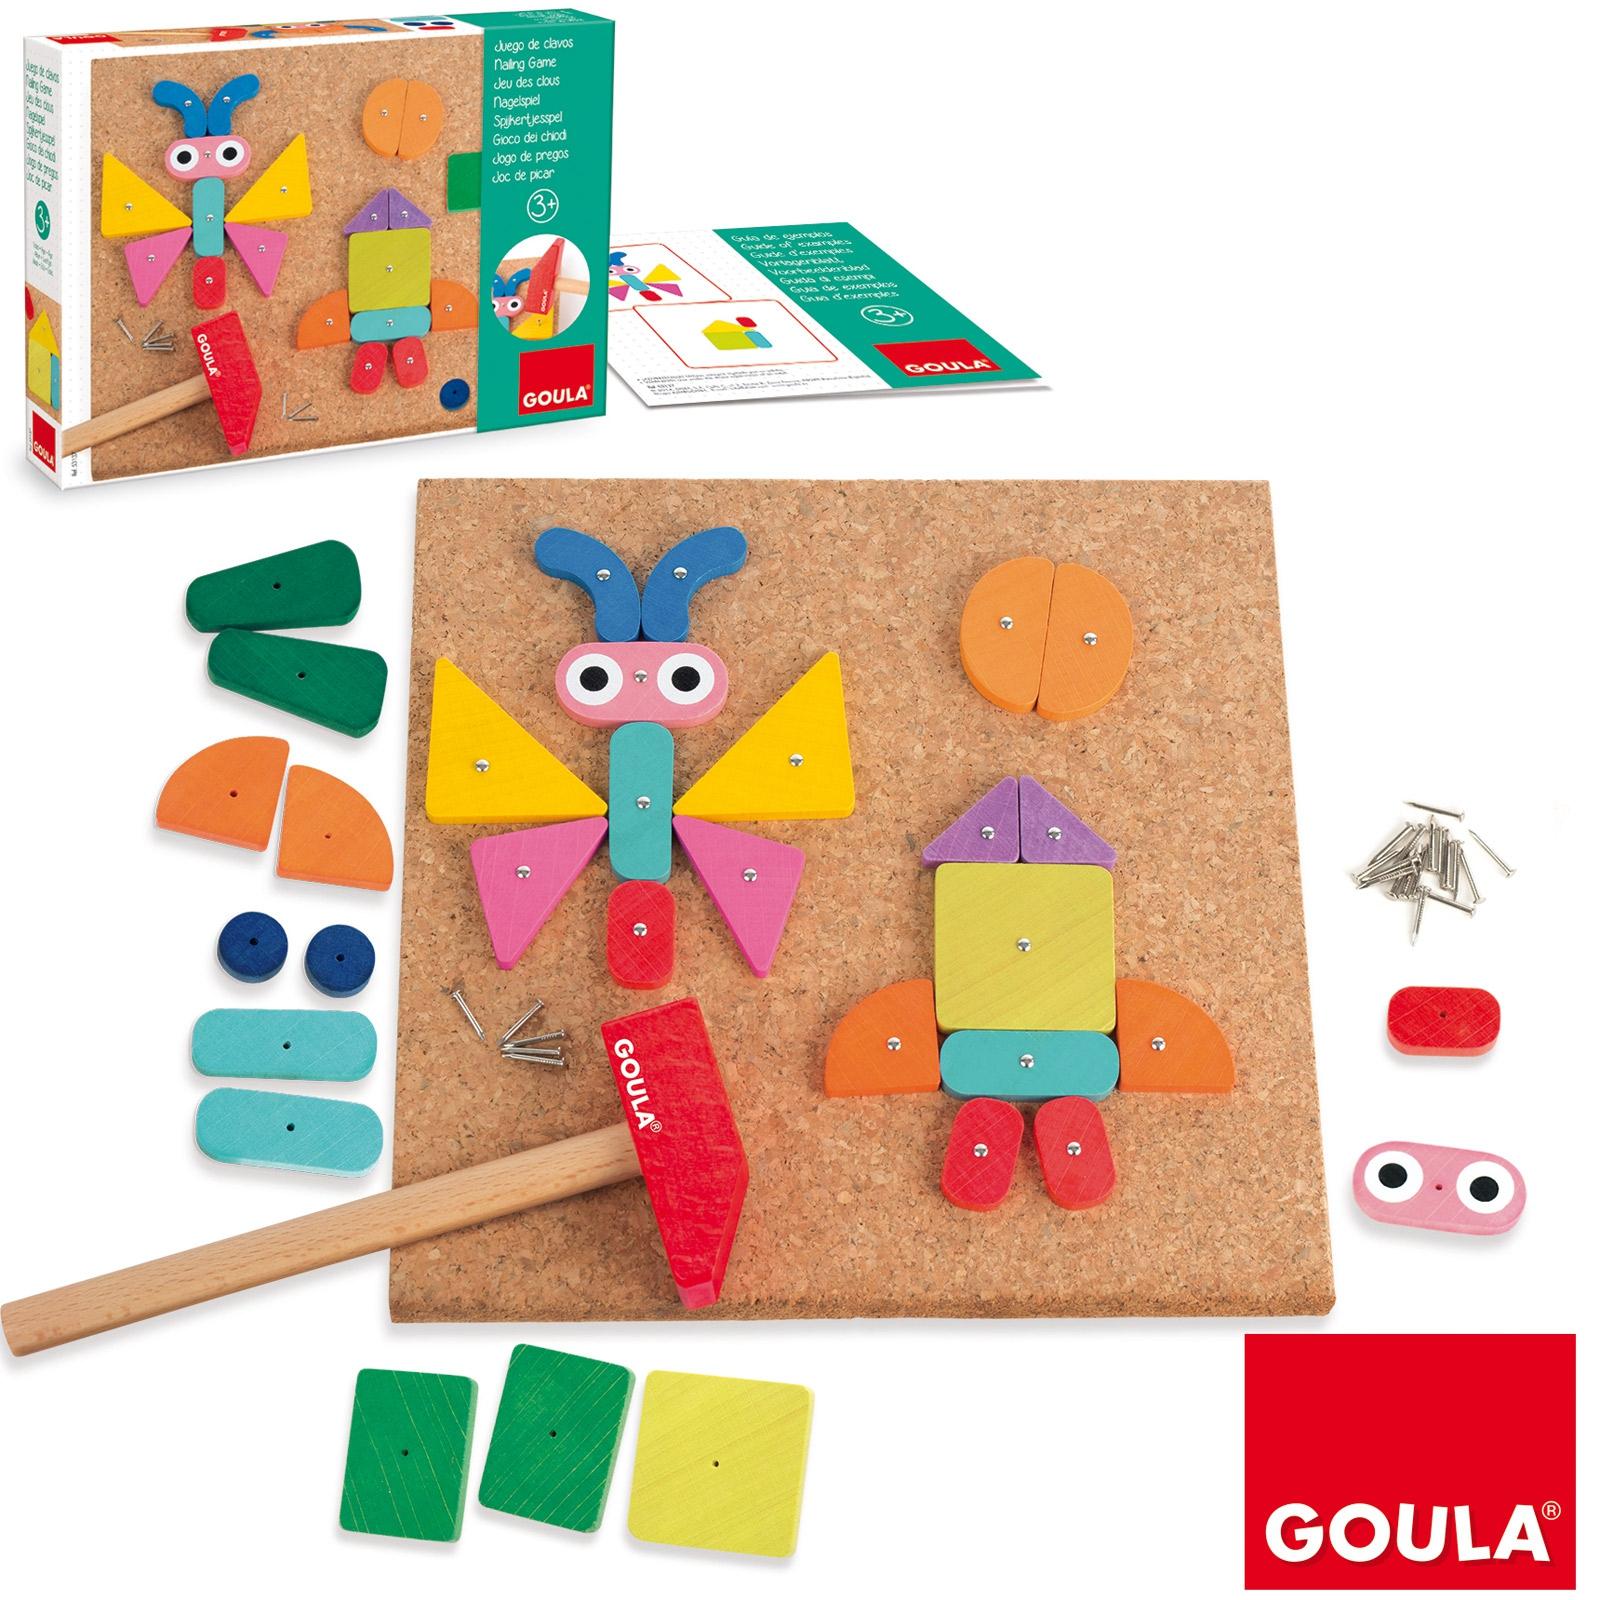 Idées Cadeaux Montessori Pour Enfants De 18 Mois À 3 Ans tout Jeux Enfant De 3 Ans